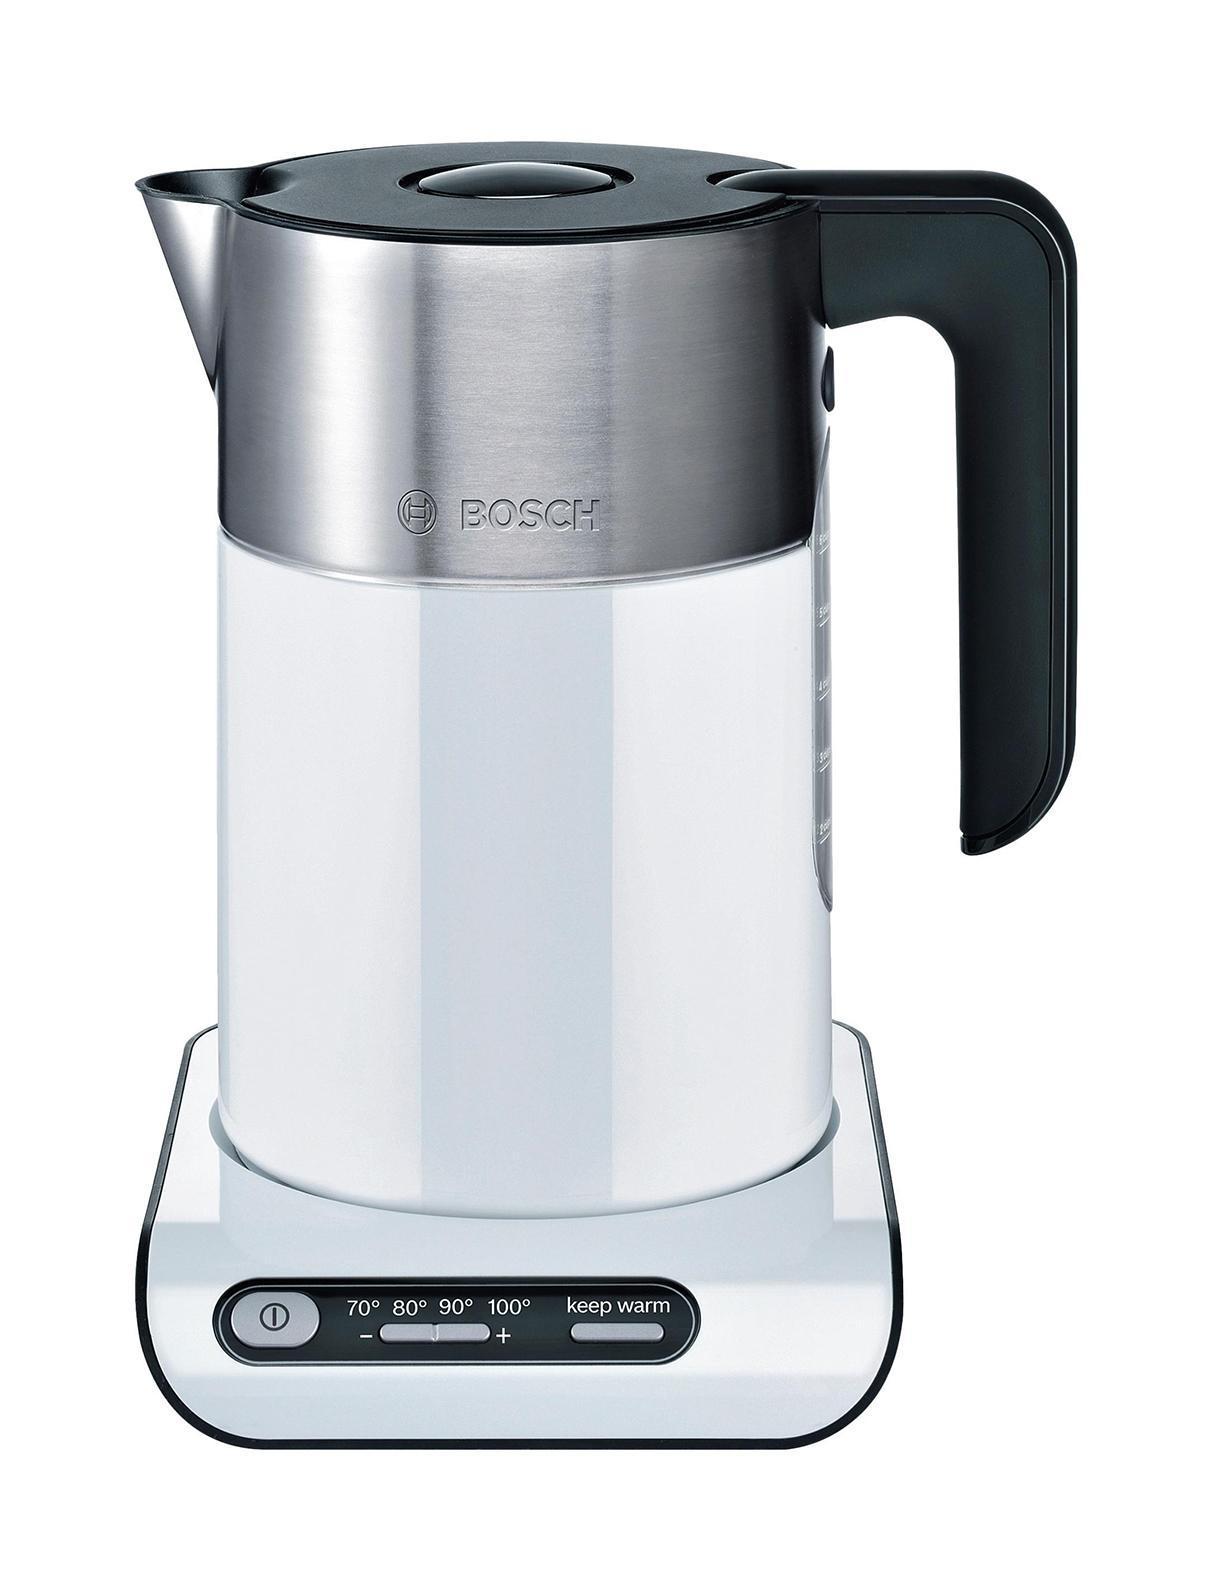 Bosch TWK 8611, электрочайникTWK 8611 StylineЭлектрический чайник Bosch TWK 8611 в стильном корпусе из термостойкого пластика с декоративными элементами из нержавеющей стали гармонично сочетает в себе великолепный дизайн и современные технологии. Прибор позволяет не только кипятить воду, но и нагревать её до заданной температуры без кипячения для приготовления различных напитков. Скрытый нагревательный элемент снижает образование накипи и ускоряет нагрев воды, а съемный моющийся фильтр предотвращает попадание мелких частиц накипи в чашку, вода всегда будет чистой и приятной на вкус. Функция автоматического отключения со звуковым сигналом обеспечивает безопасное и максимально комфортное использование прибора.Электрические чайники Bosch имеют дно из нержавеющей стали, под которым скрыт нагревательный элемент. Этот материал не влияет на вкусовые качества напитков, долговечен и легко чистится. Фильтр от накипи из нержавеющей стали в носике прибора препятствует попаданию частиц накипи в чашку. Центральный контакт позволяет ставить чайник на цоколь в любом положении.